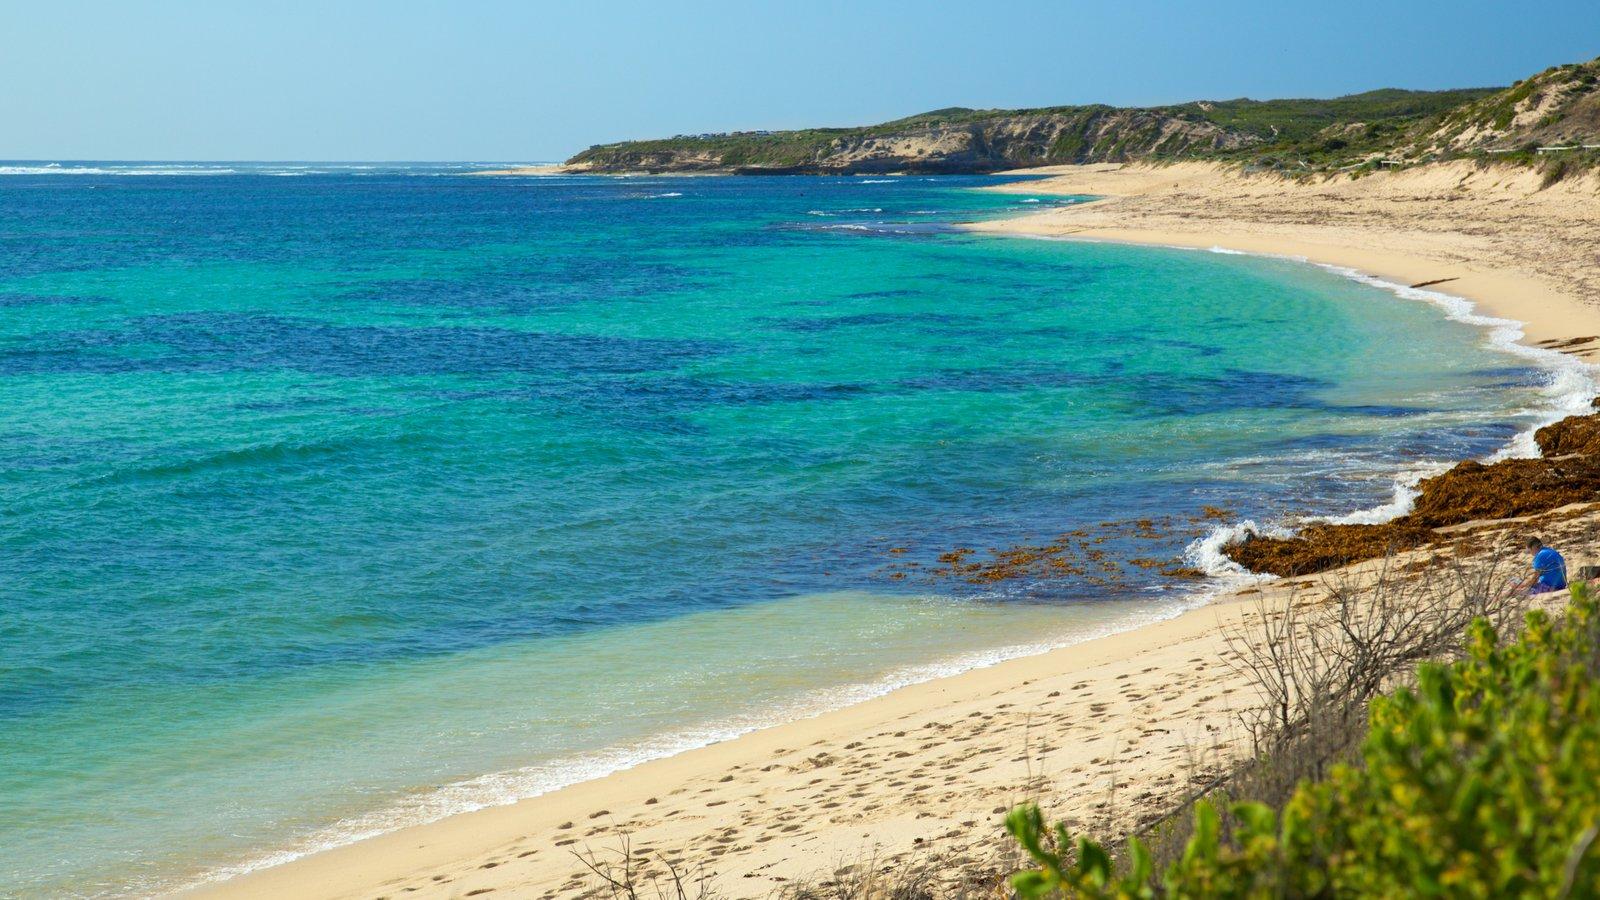 Playa de Prevelly ofreciendo vistas generales de la costa, una bahía o puerto y una playa de arena